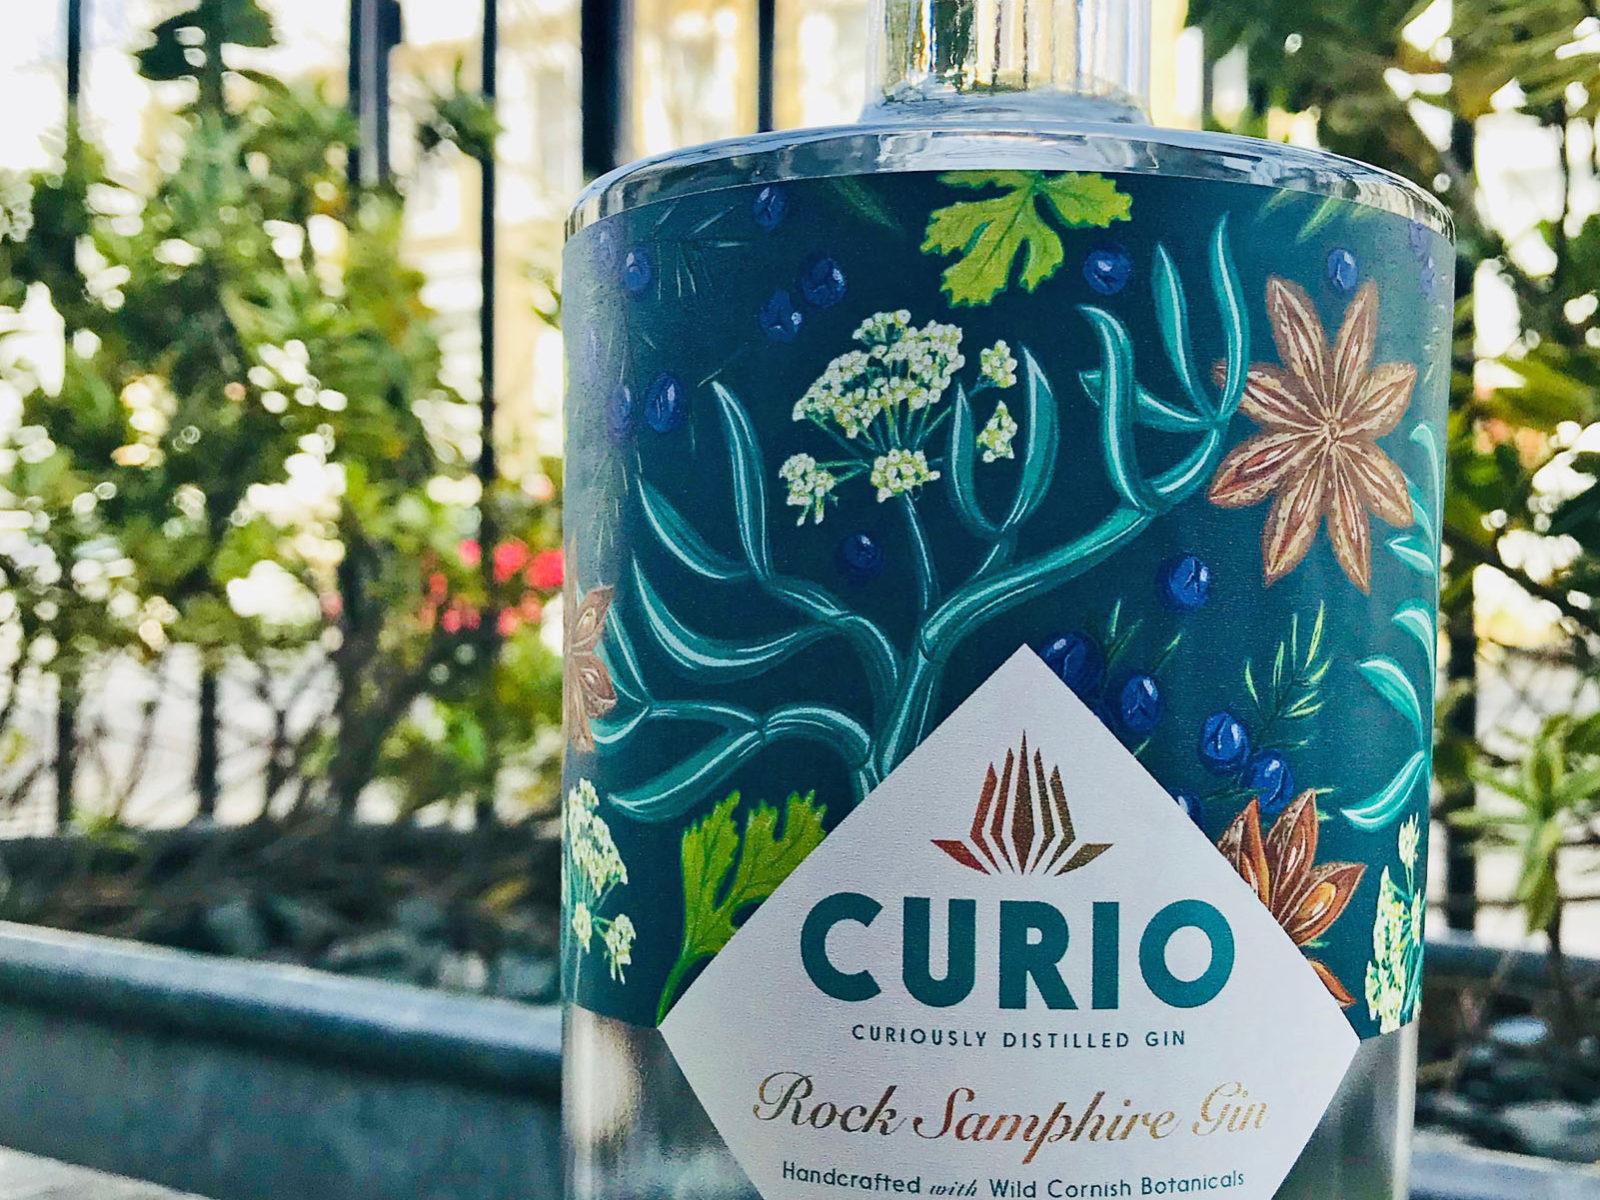 We love Curio's Rock Samphire Gin